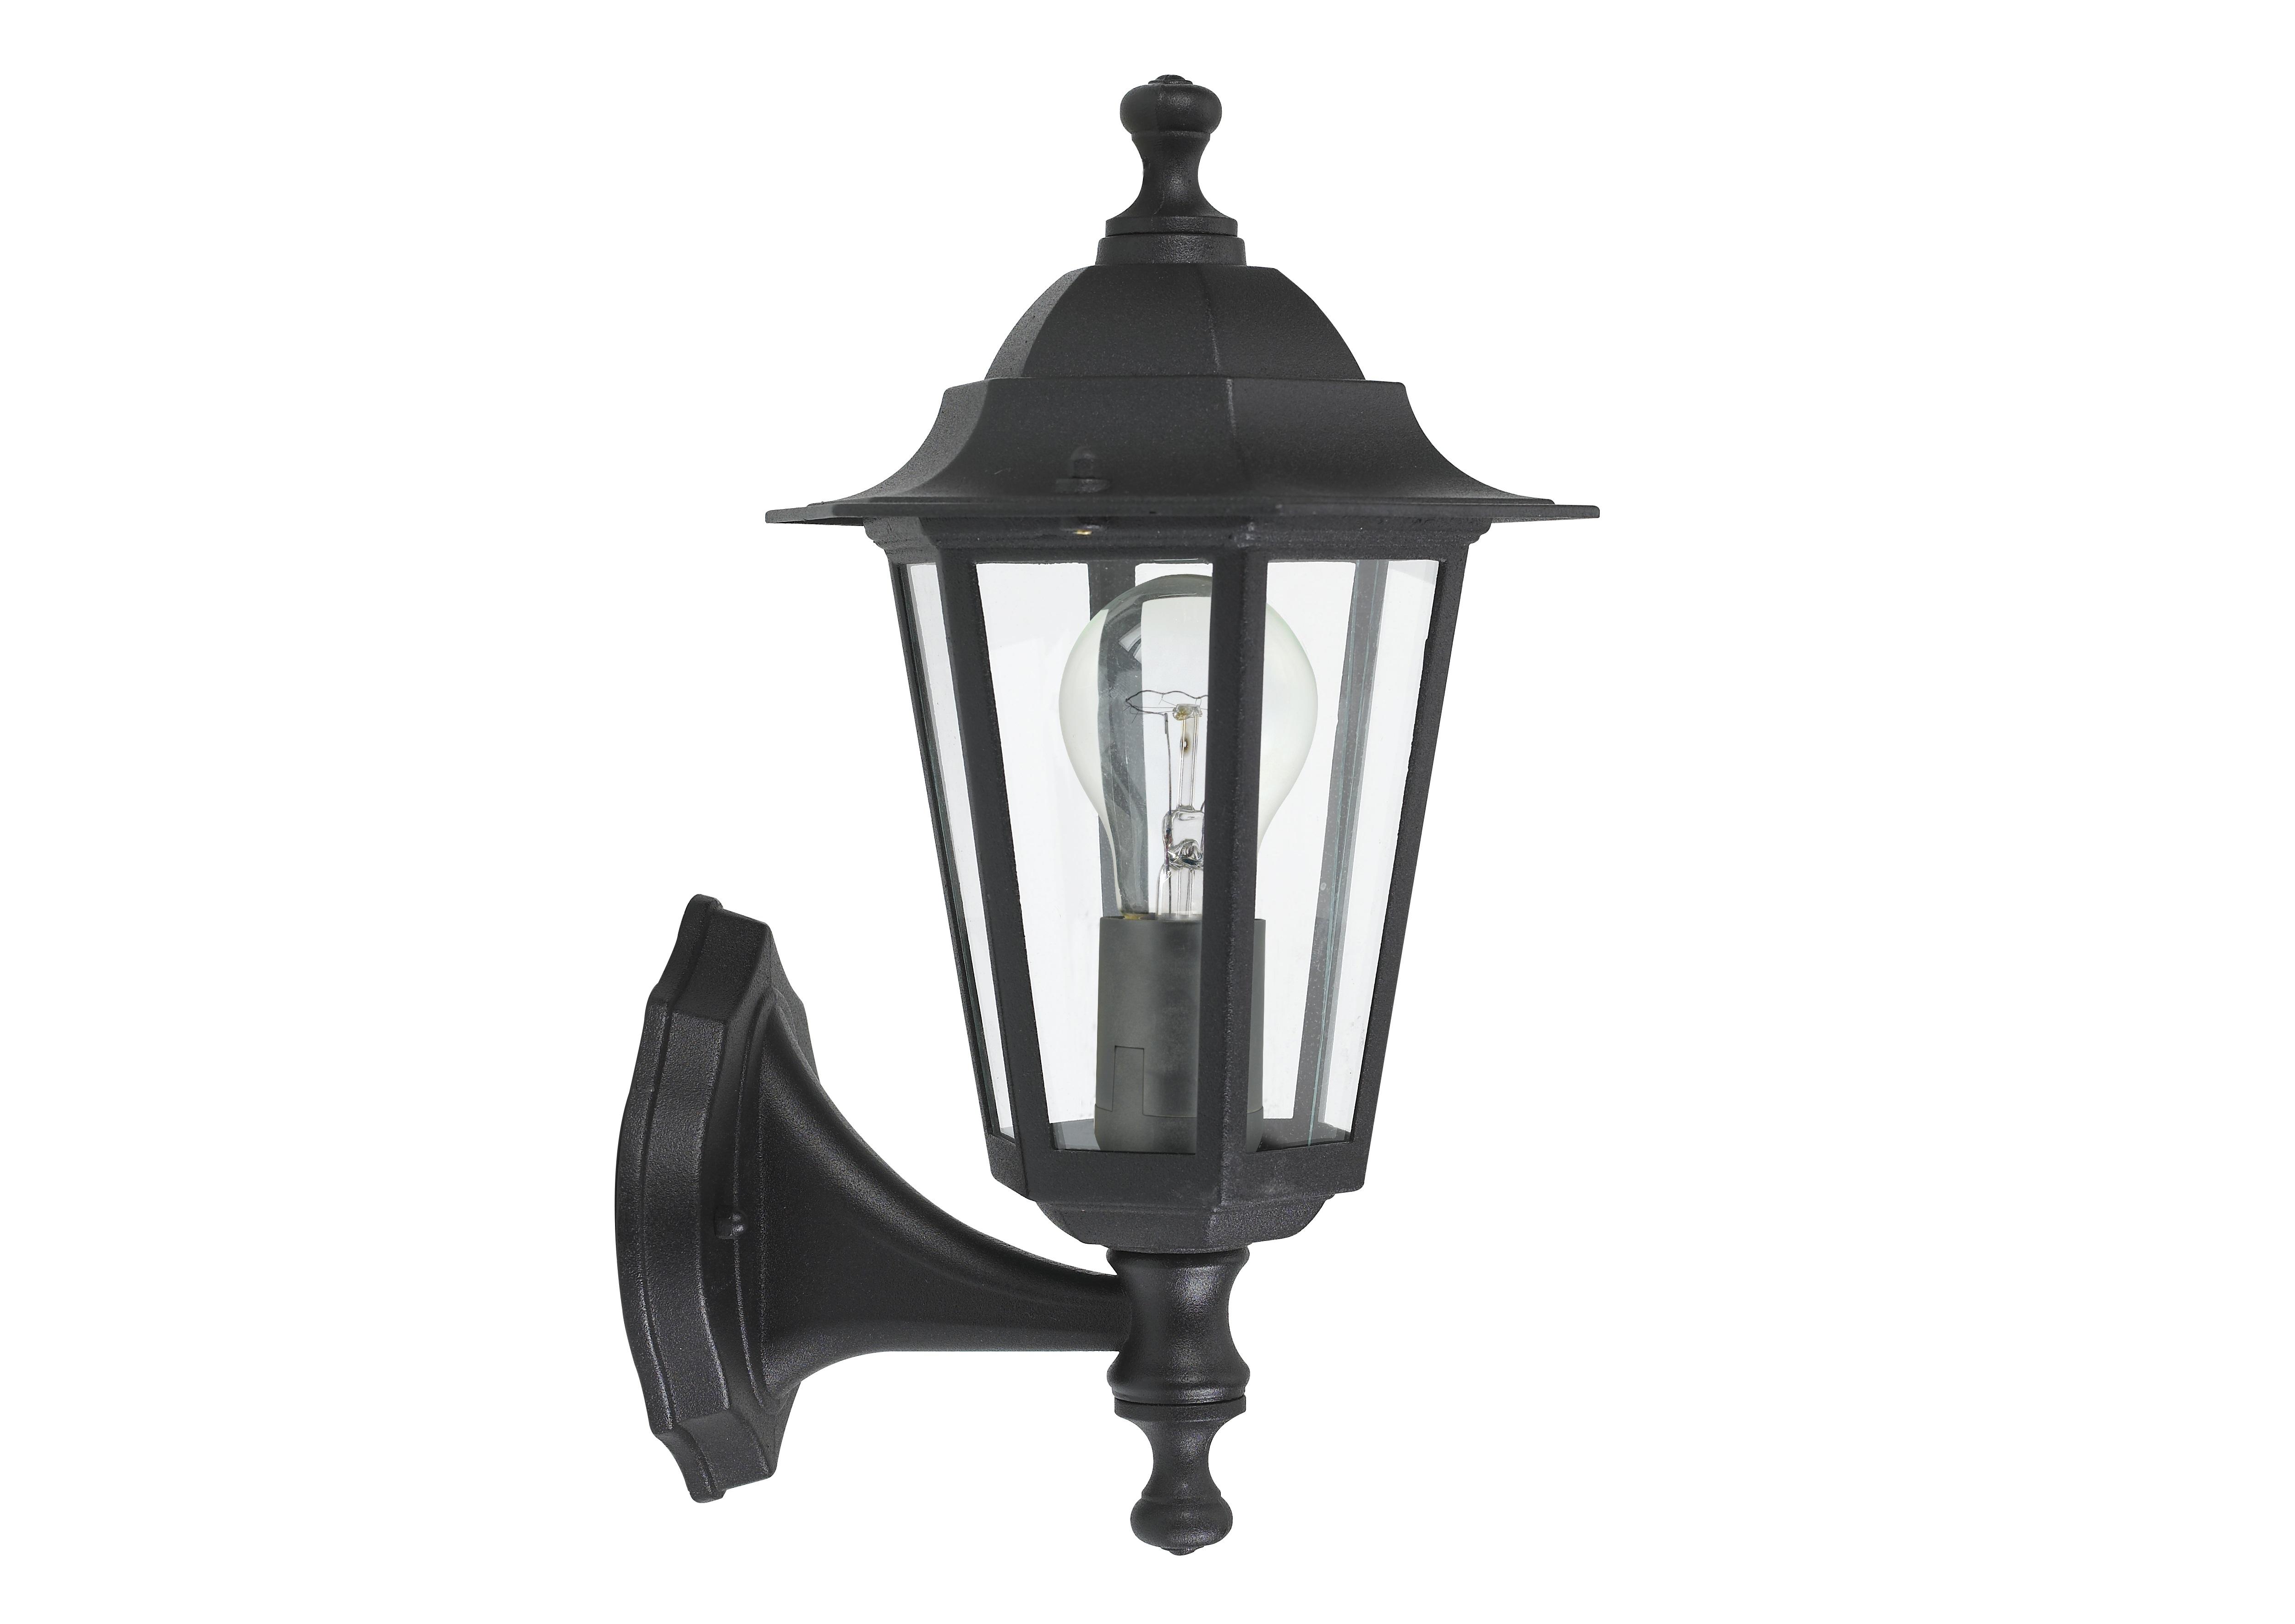 Светильник уличныйУличные настенные светильники<br>&amp;lt;div&amp;gt;Тип цоколя: E27&amp;lt;/div&amp;gt;&amp;lt;div&amp;gt;Мощность: 60W&amp;lt;/div&amp;gt;&amp;lt;div&amp;gt;Кол-во ламп: 1 (нет в комплекте)&amp;lt;/div&amp;gt;<br><br>Material: Металл<br>Ширина см: 19<br>Высота см: 21<br>Глубина см: 21